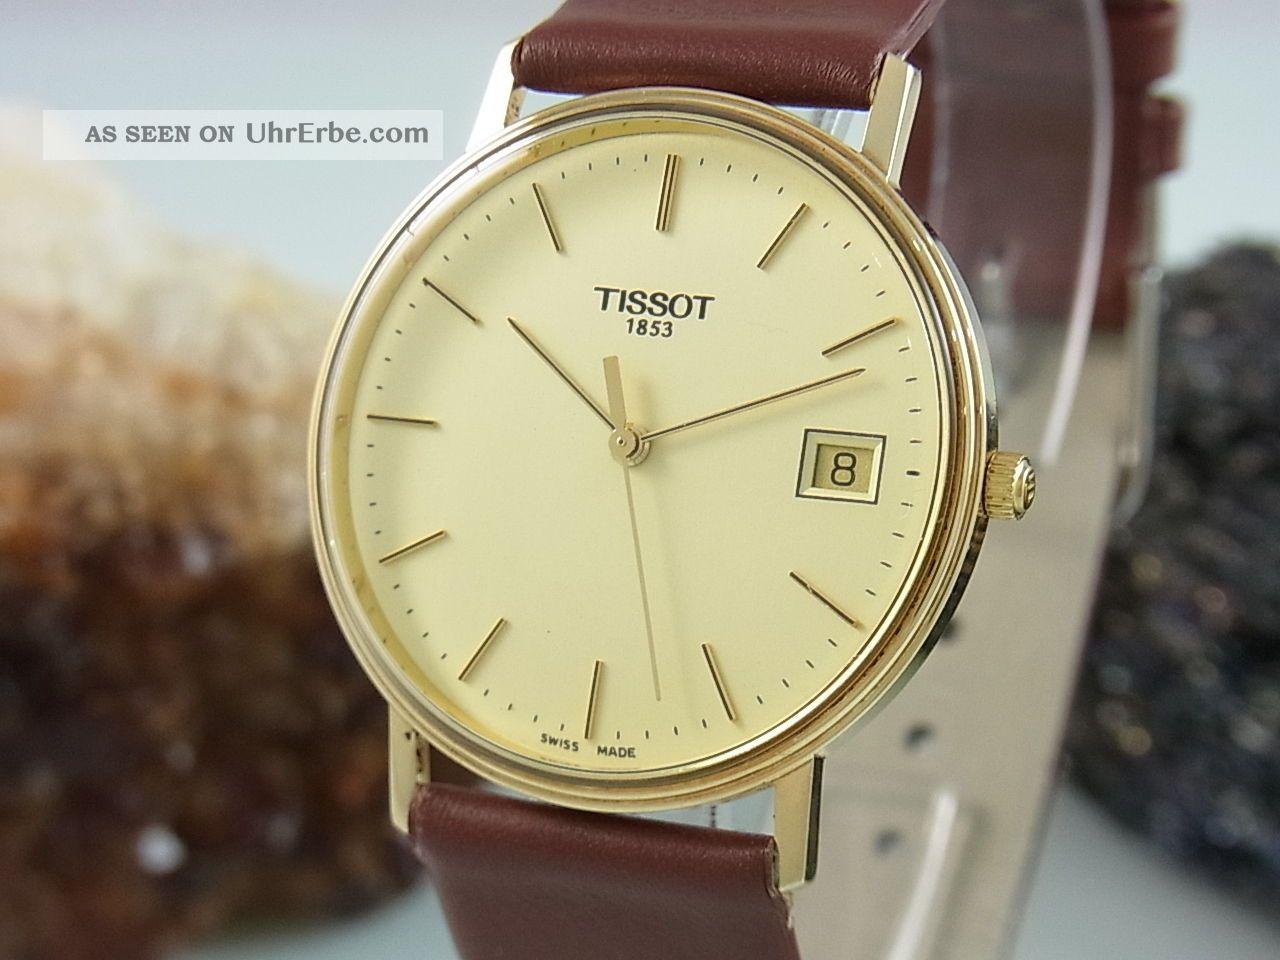 Tissot Herrenuhr Aus 585 / 14k Gold Uhr Datum Anzeige Armbanduhren Bild